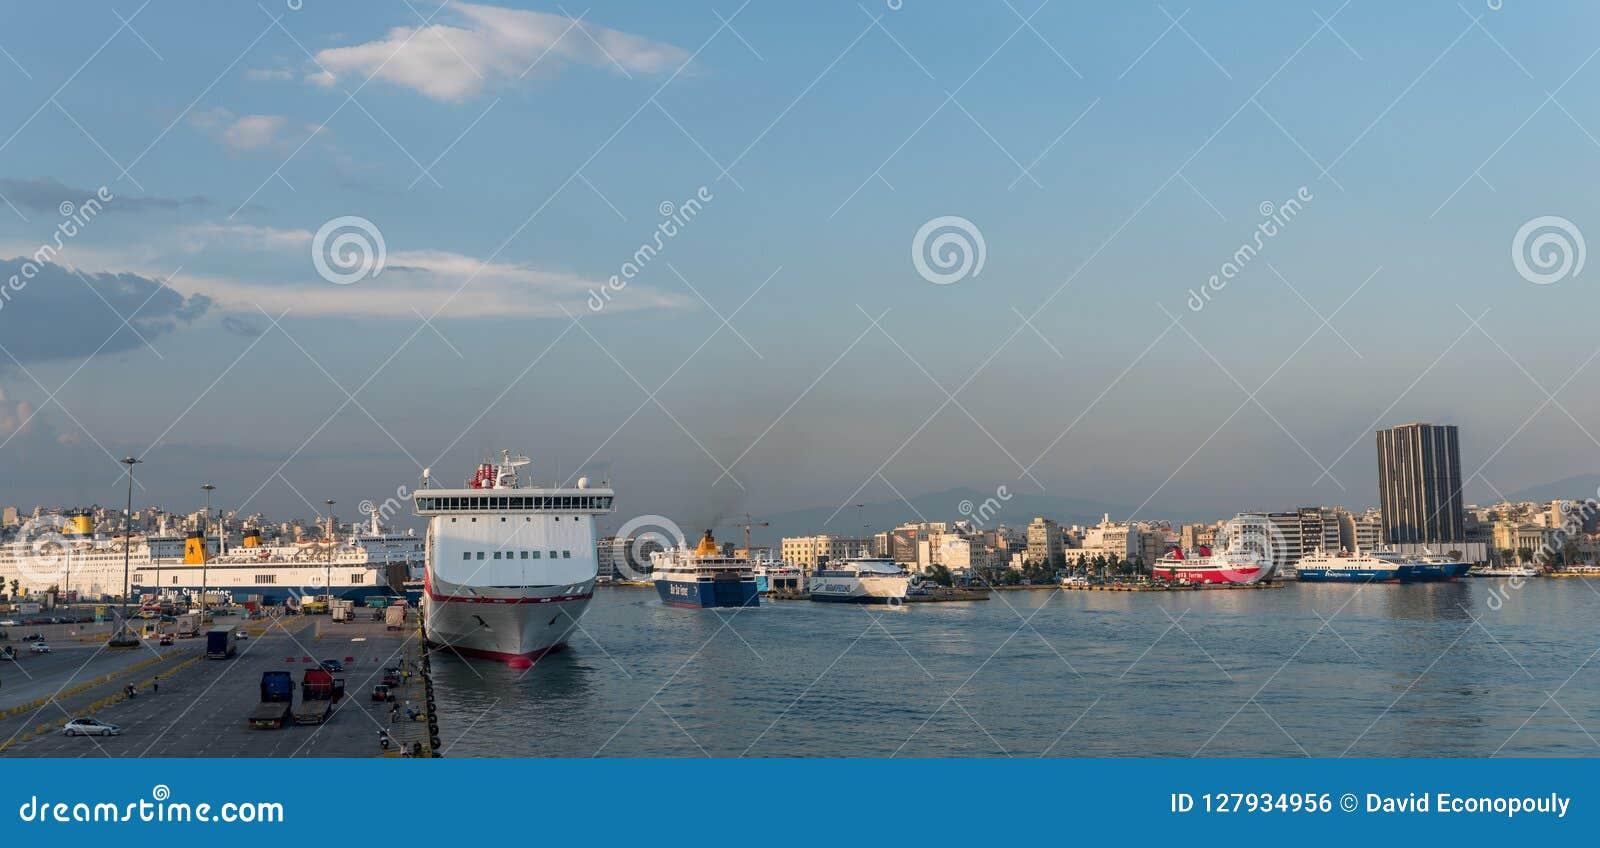 Pireaus Greece/18 de junho de 2018: Panaroma do porto de Pireaus em Grécia